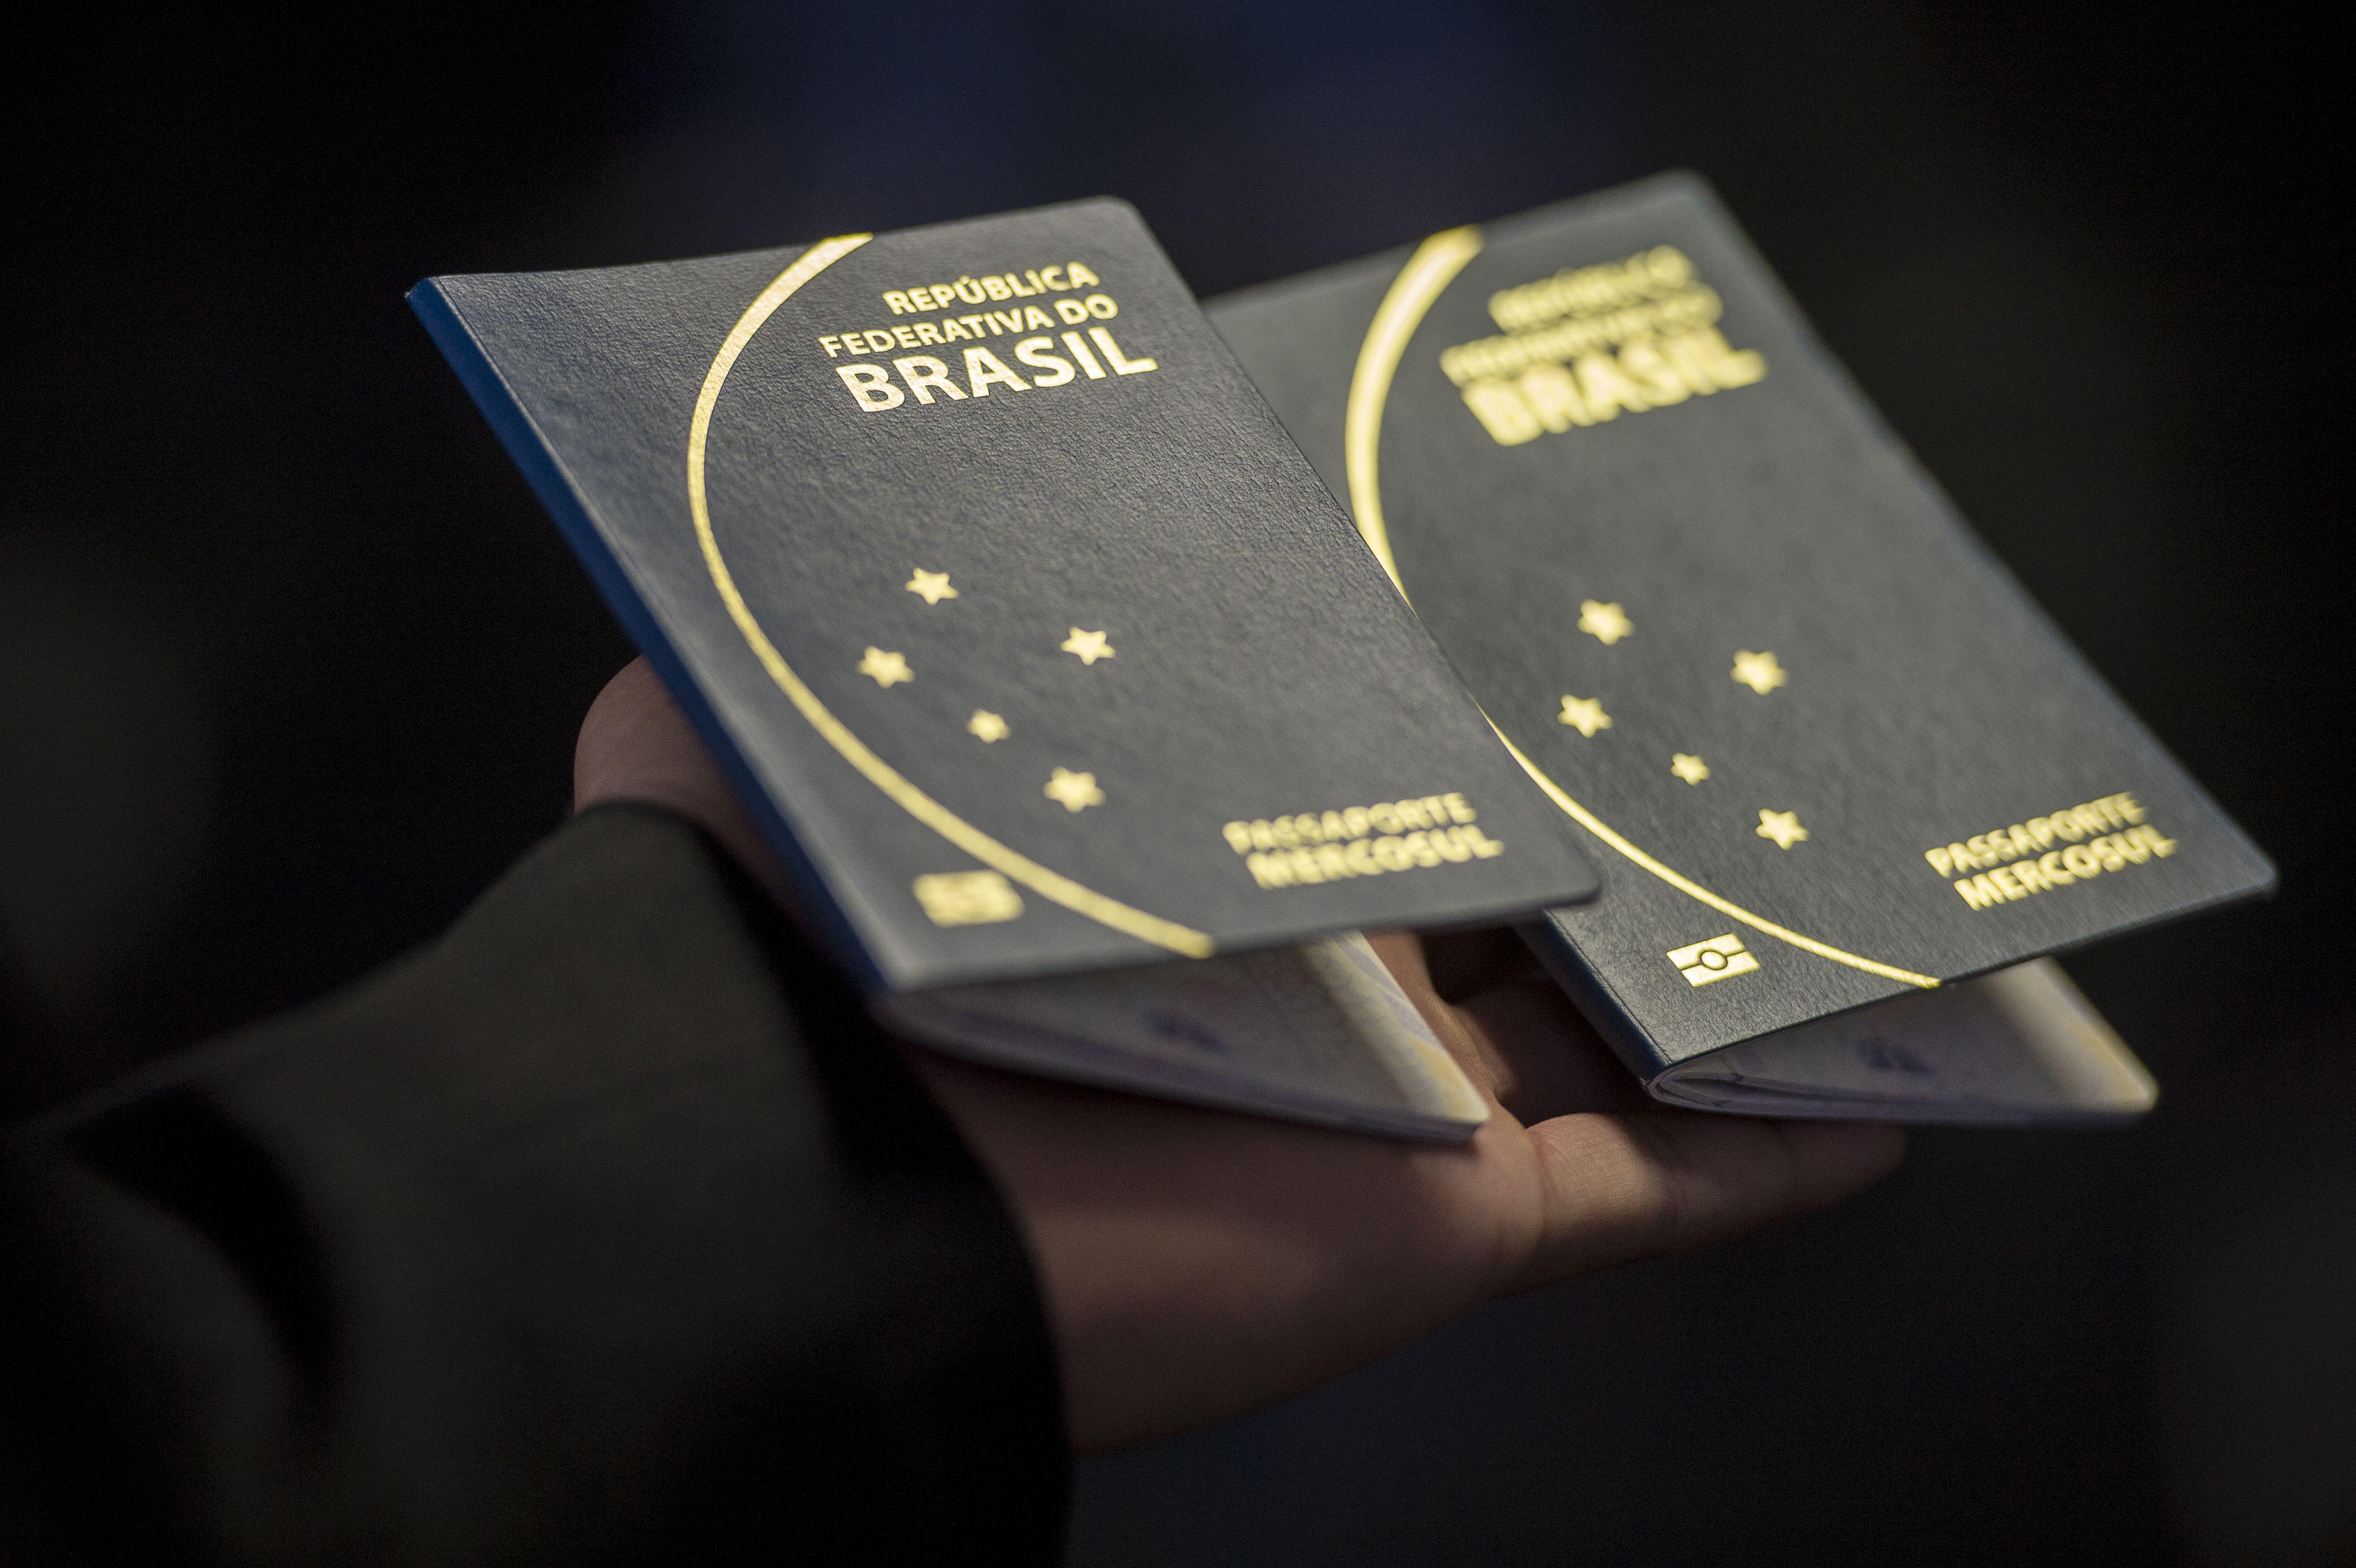 Novo passaporte comum eletrônico brasileiro. O documento passou a ser emitido desde a última segunda -feira (6) pela Polícia Federal e Casa da Moeda, e terá prazo de validade de 10 anos (Marcelo Camargo/Agência Brasil)